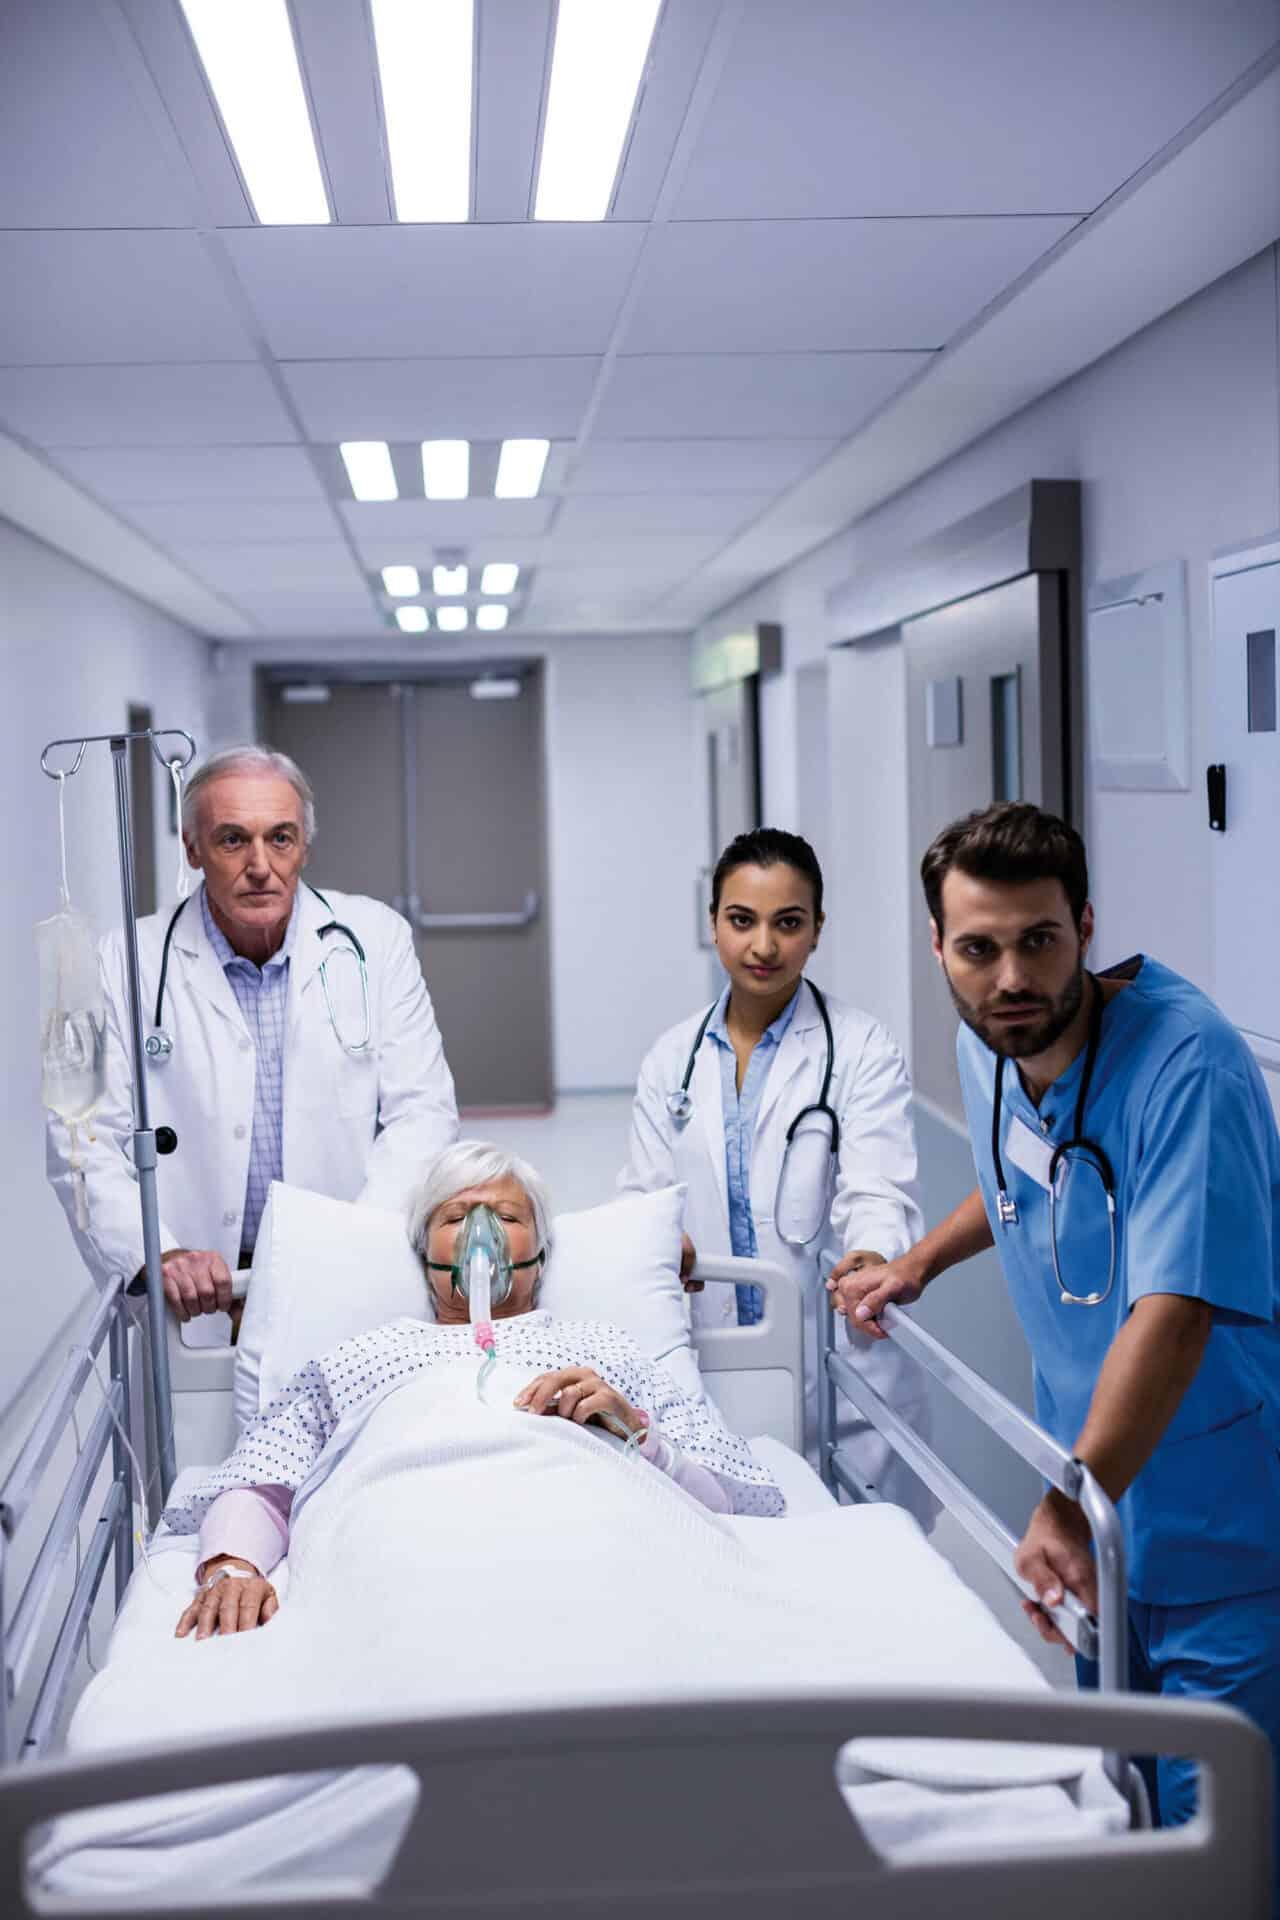 Die Zulässigkeit von Patientenfixierungen